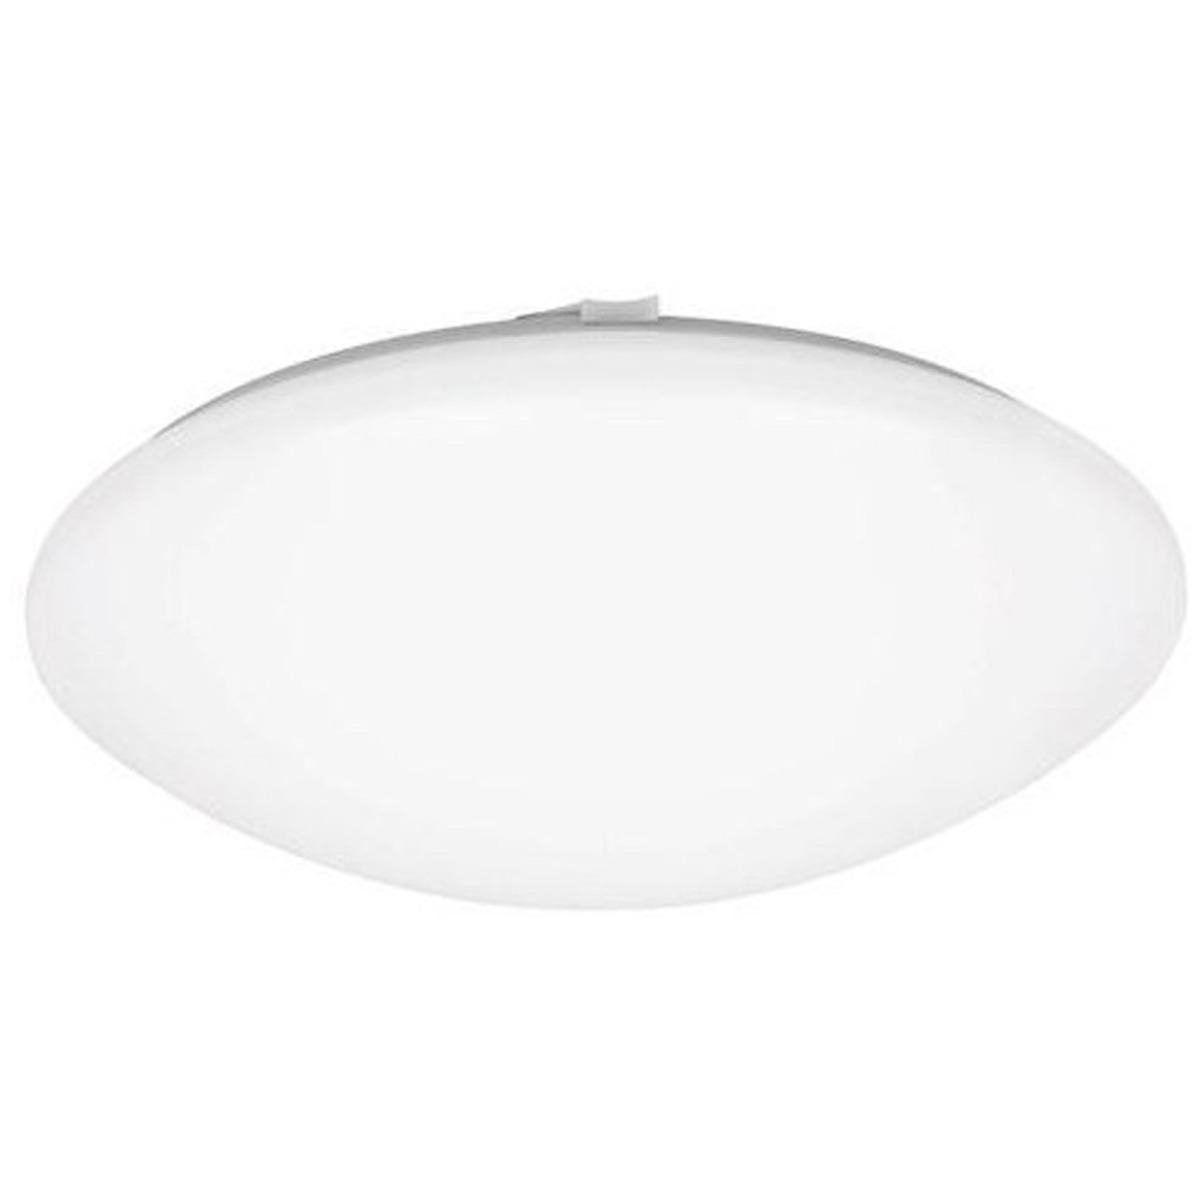 Plafon lampara luminario de 22cm 16w para empotrar 79 - Lamparas de plafon ...